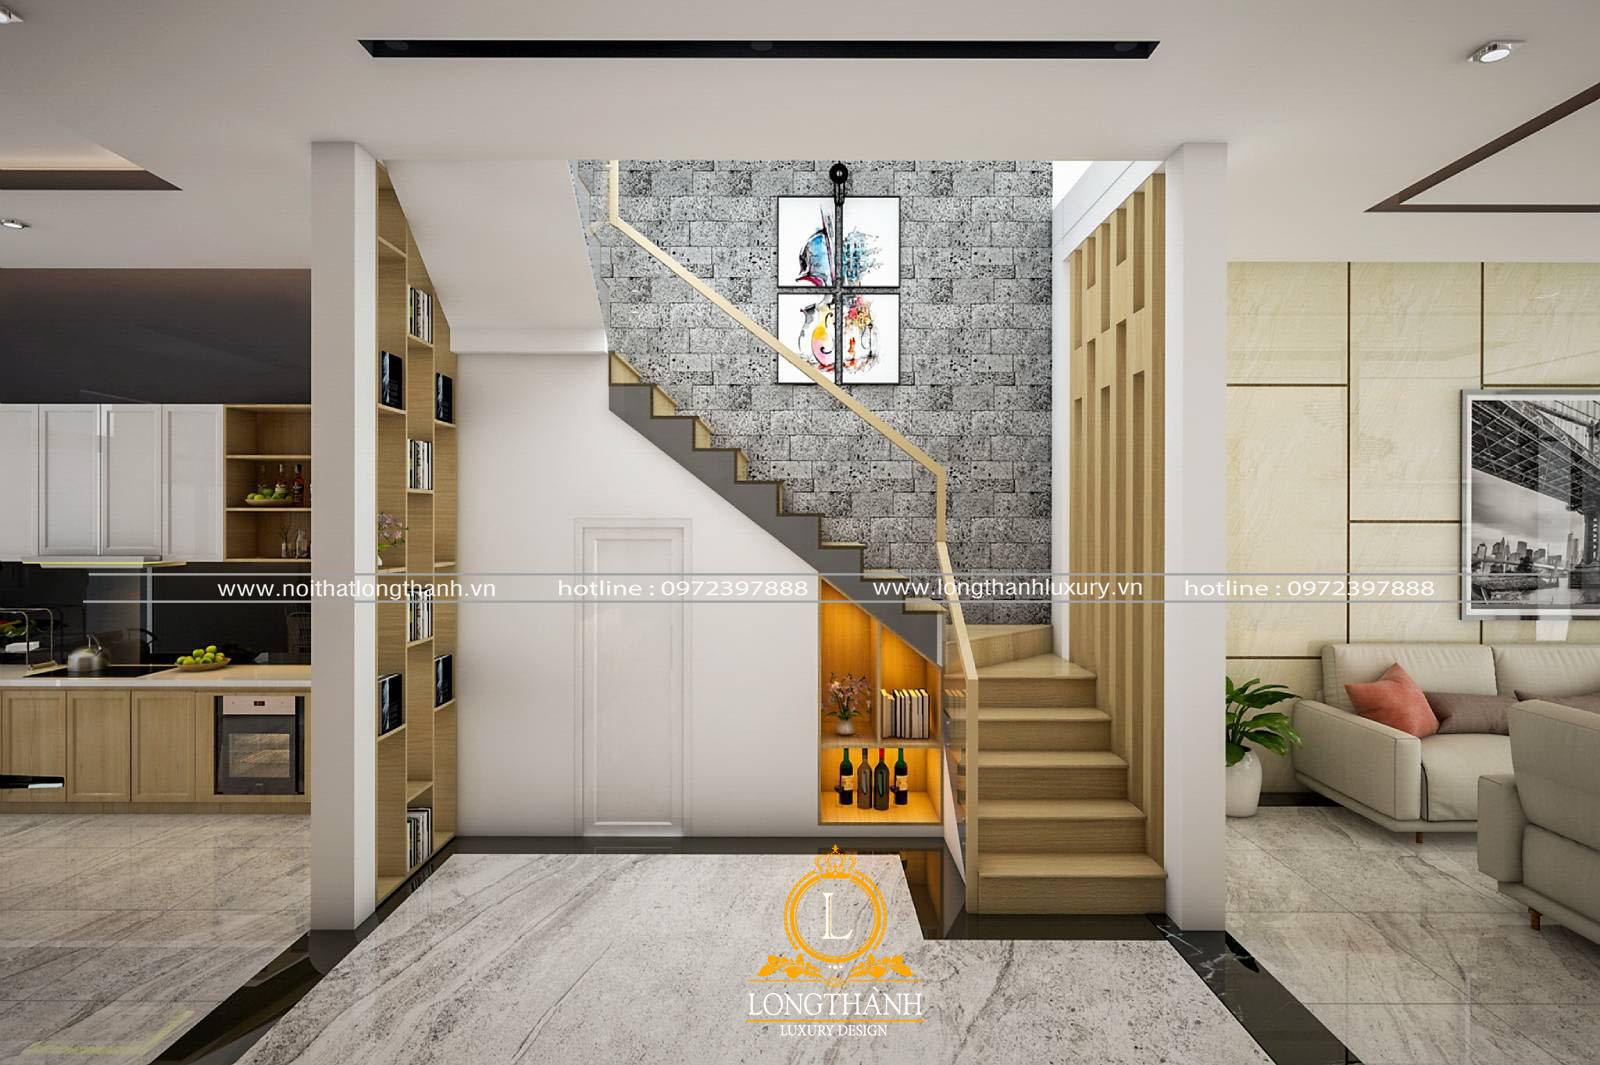 Thiết kế phòng vệ sinh nhỏ dưới gầm cầu thang cho nhà phố